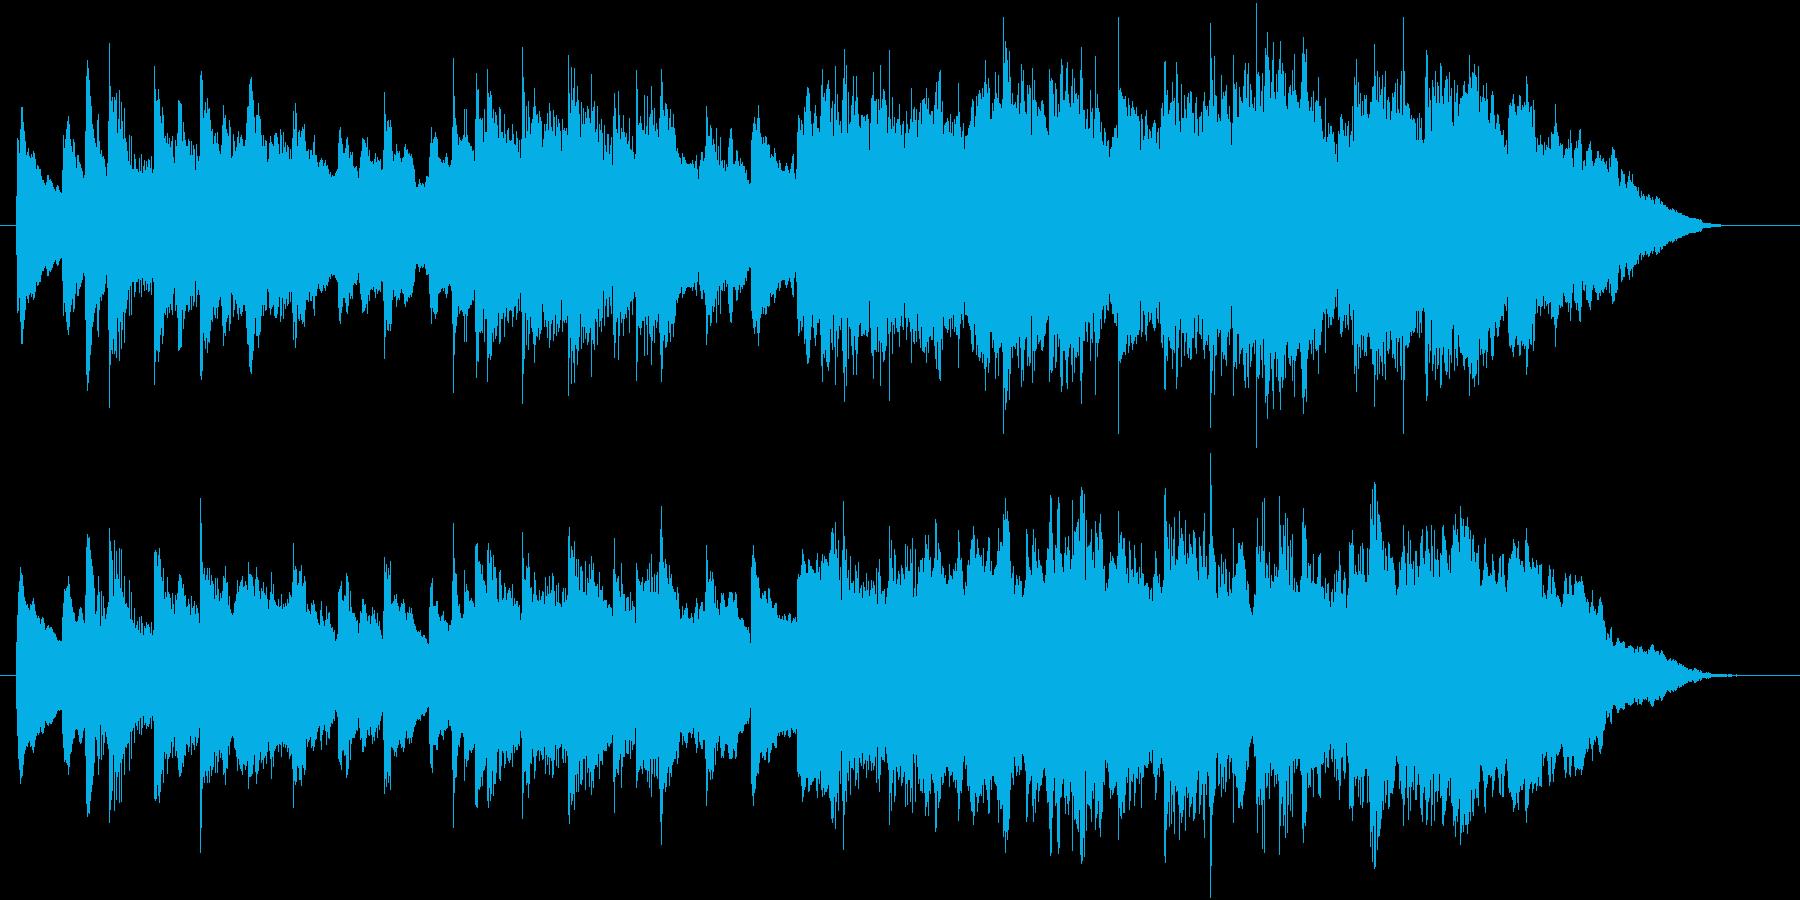 ほのぼのとして安らぐ癒し系BGMの再生済みの波形